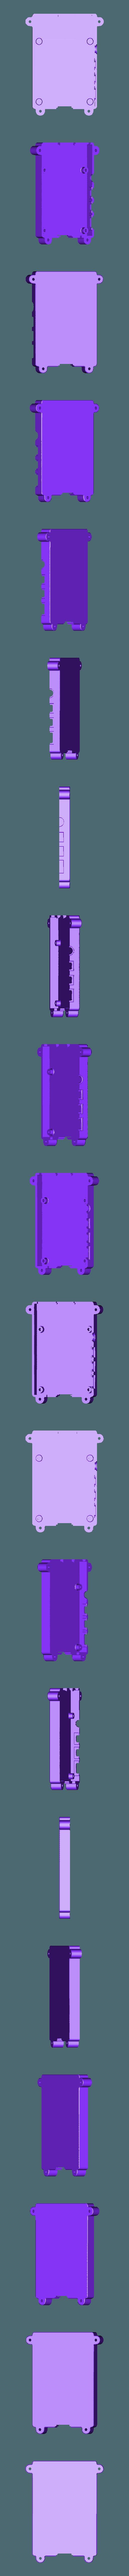 BOTTOM_BLANK.STL Télécharger fichier STL gratuit Étui Pi 4B Framboise Framboise • Objet pour imprimante 3D, mkellsy